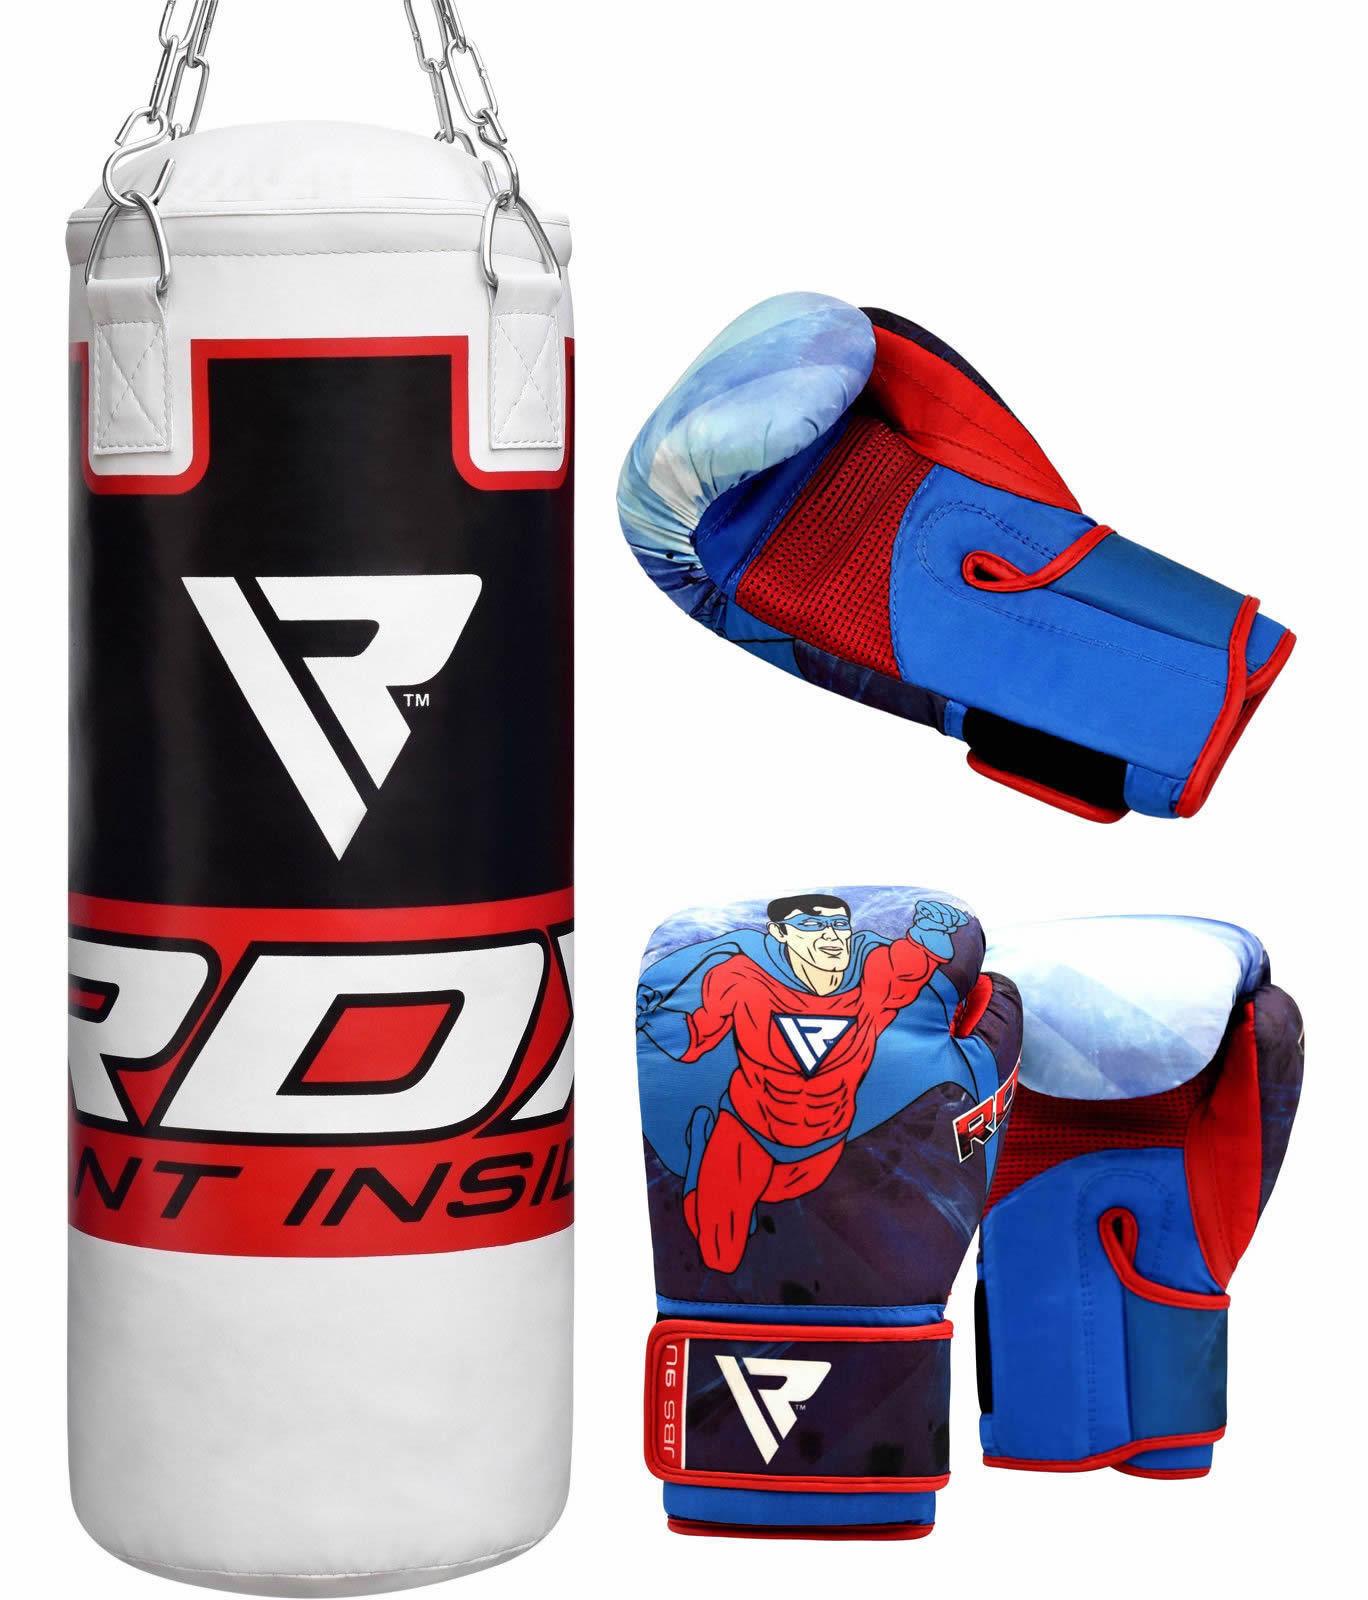 RDX Kinder Boxsack Gefüllt Boxset Sandsack Boxhandschuhe Kickboxen Training DE